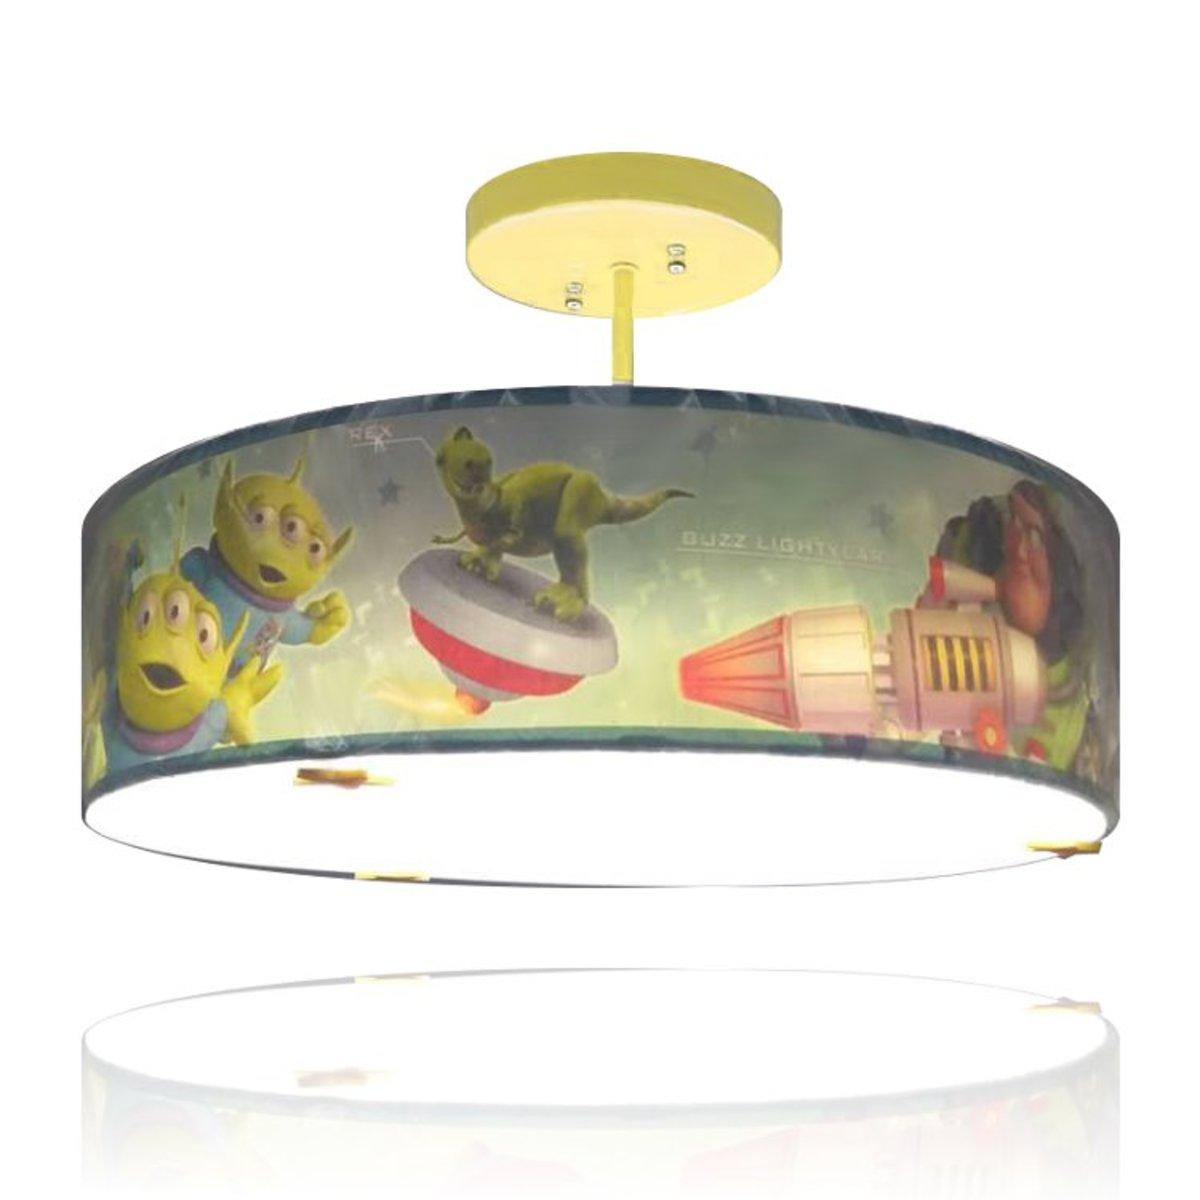 反斗奇兵 天花燈 G18098 - E14 x 3個 (迪士尼許可產品)